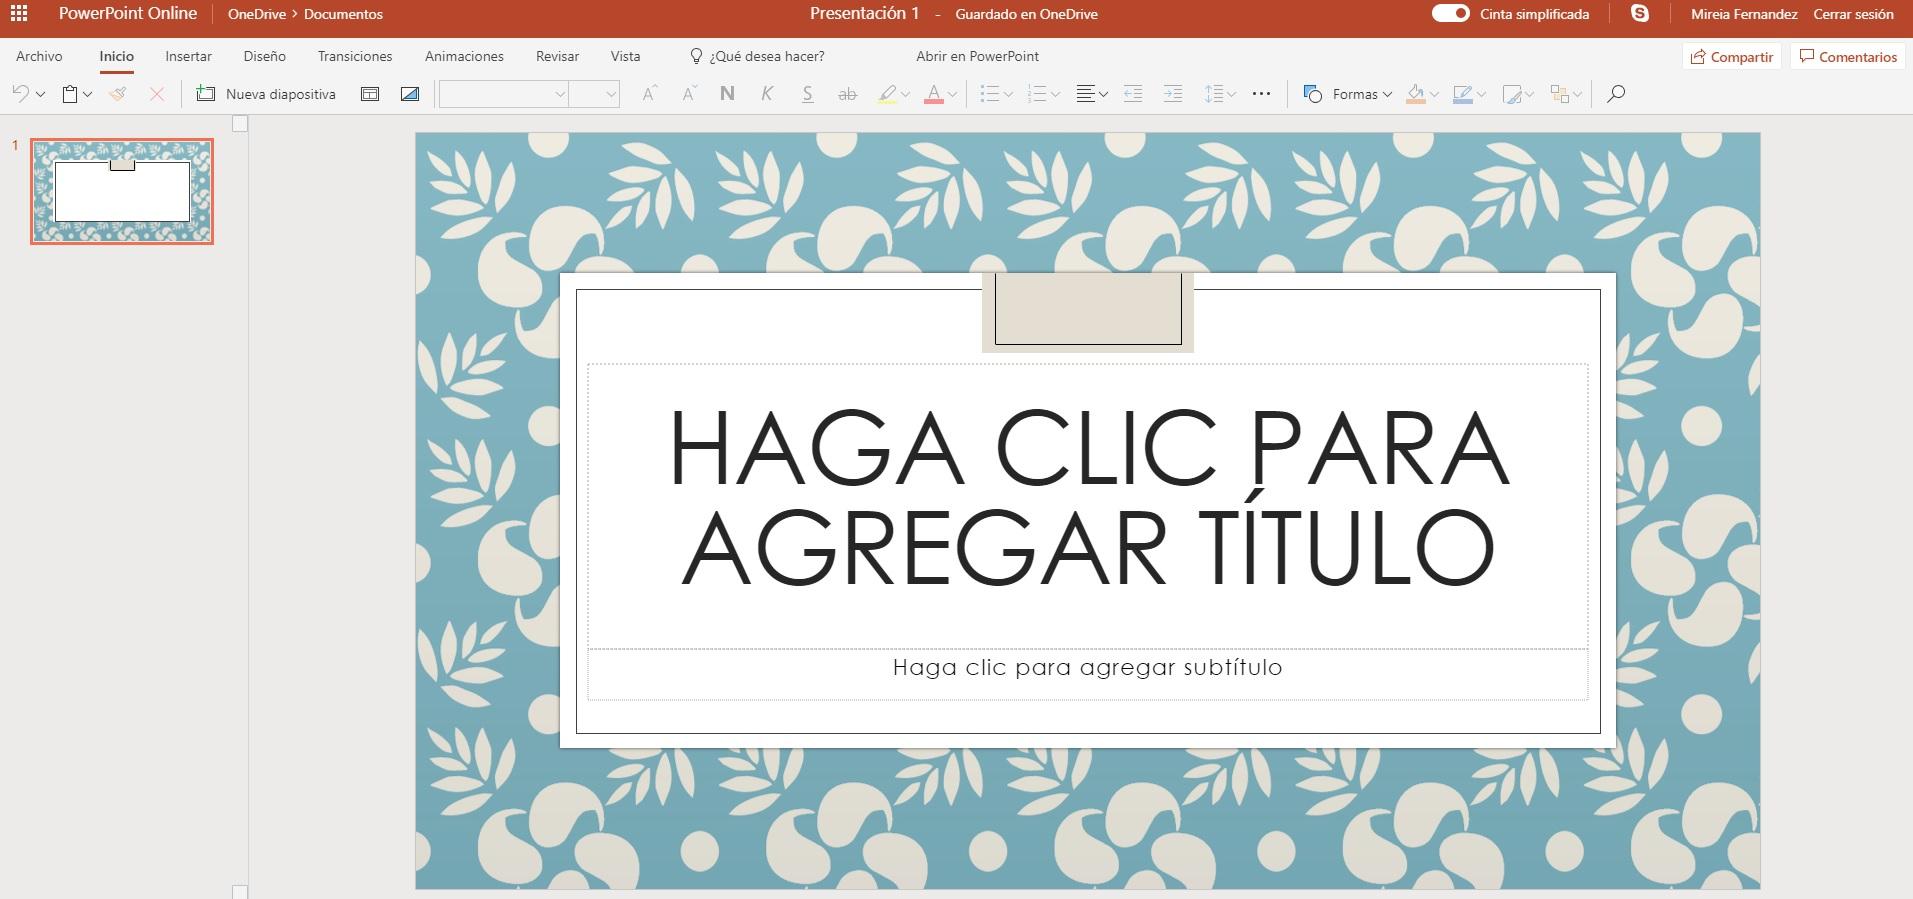 Cómo hacer un PowerPoint paso a paso